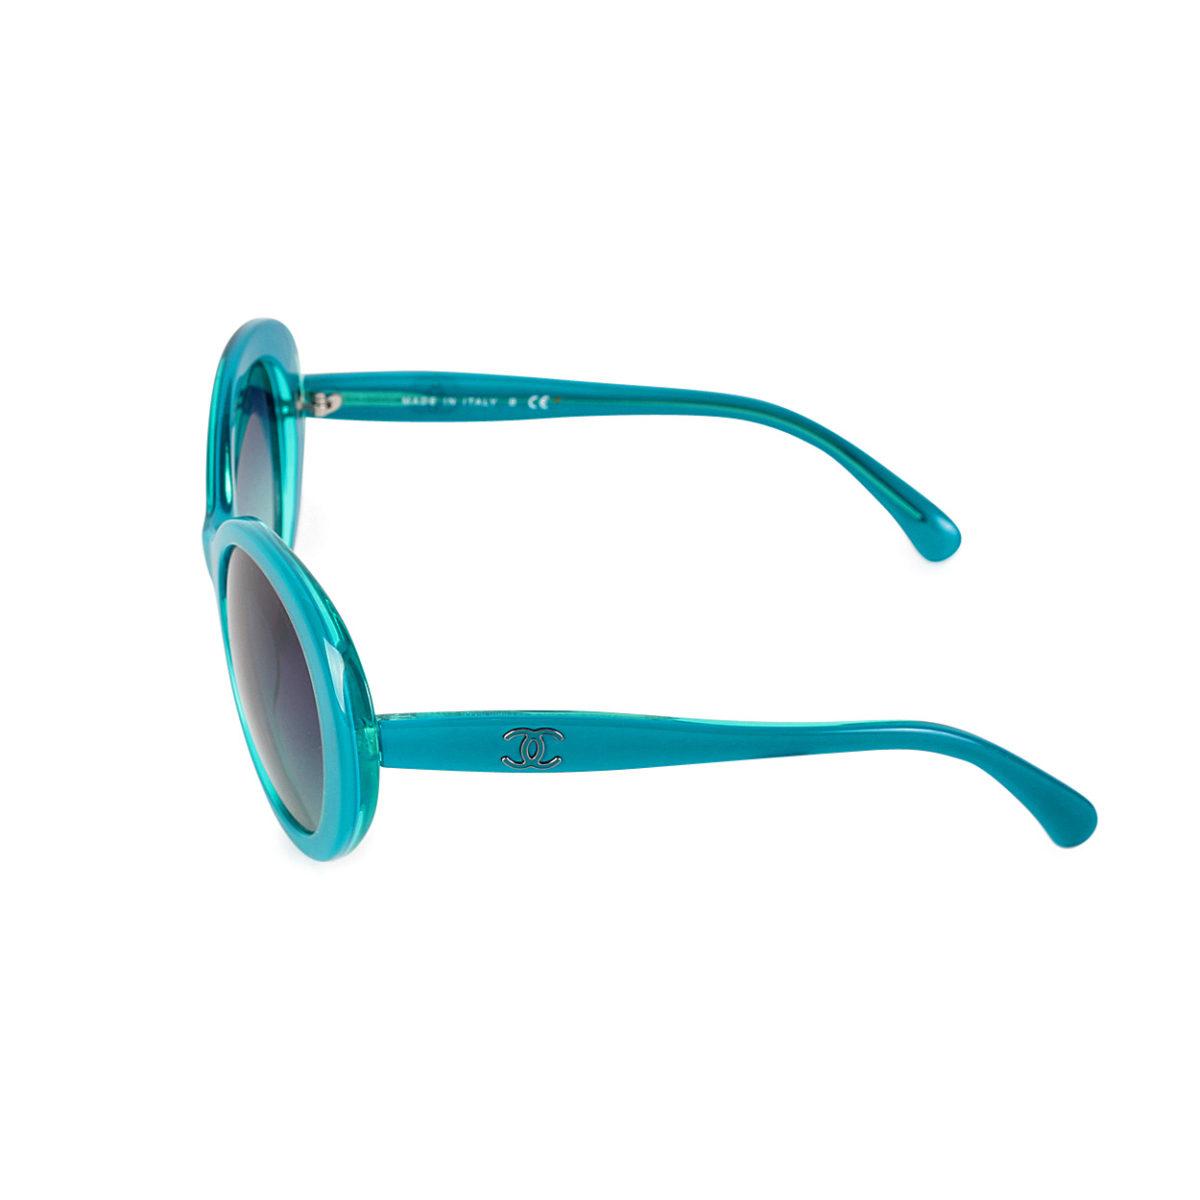 43fb6d89d5d98 CHANEL CC Sunglasses 5238 Turquoise